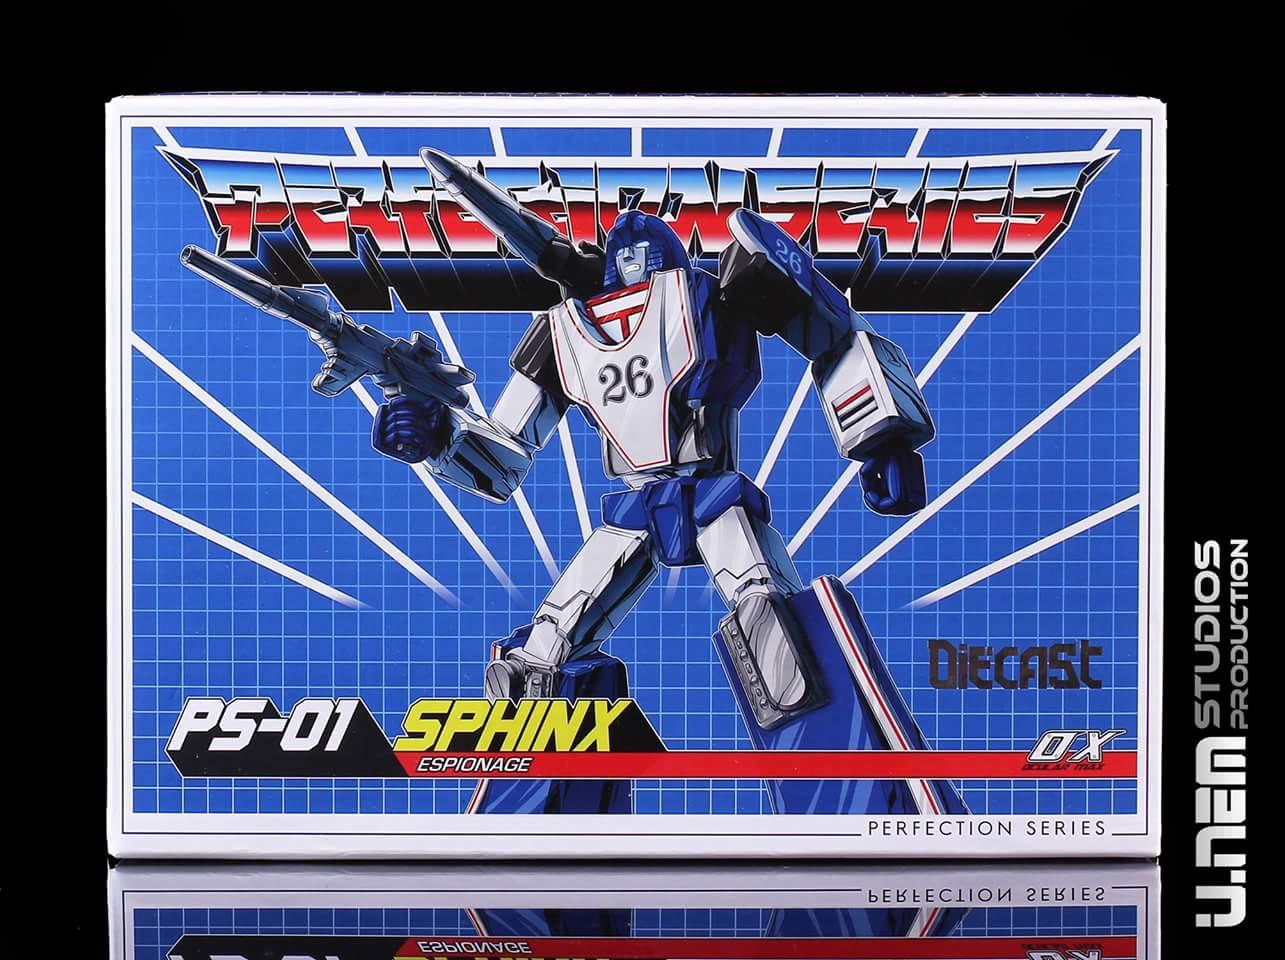 [Ocular Max] Produit Tiers - PS-01 Sphinx (aka Mirage G1) + PS-02 Liger (aka Mirage Diaclone) QmIOpjd7